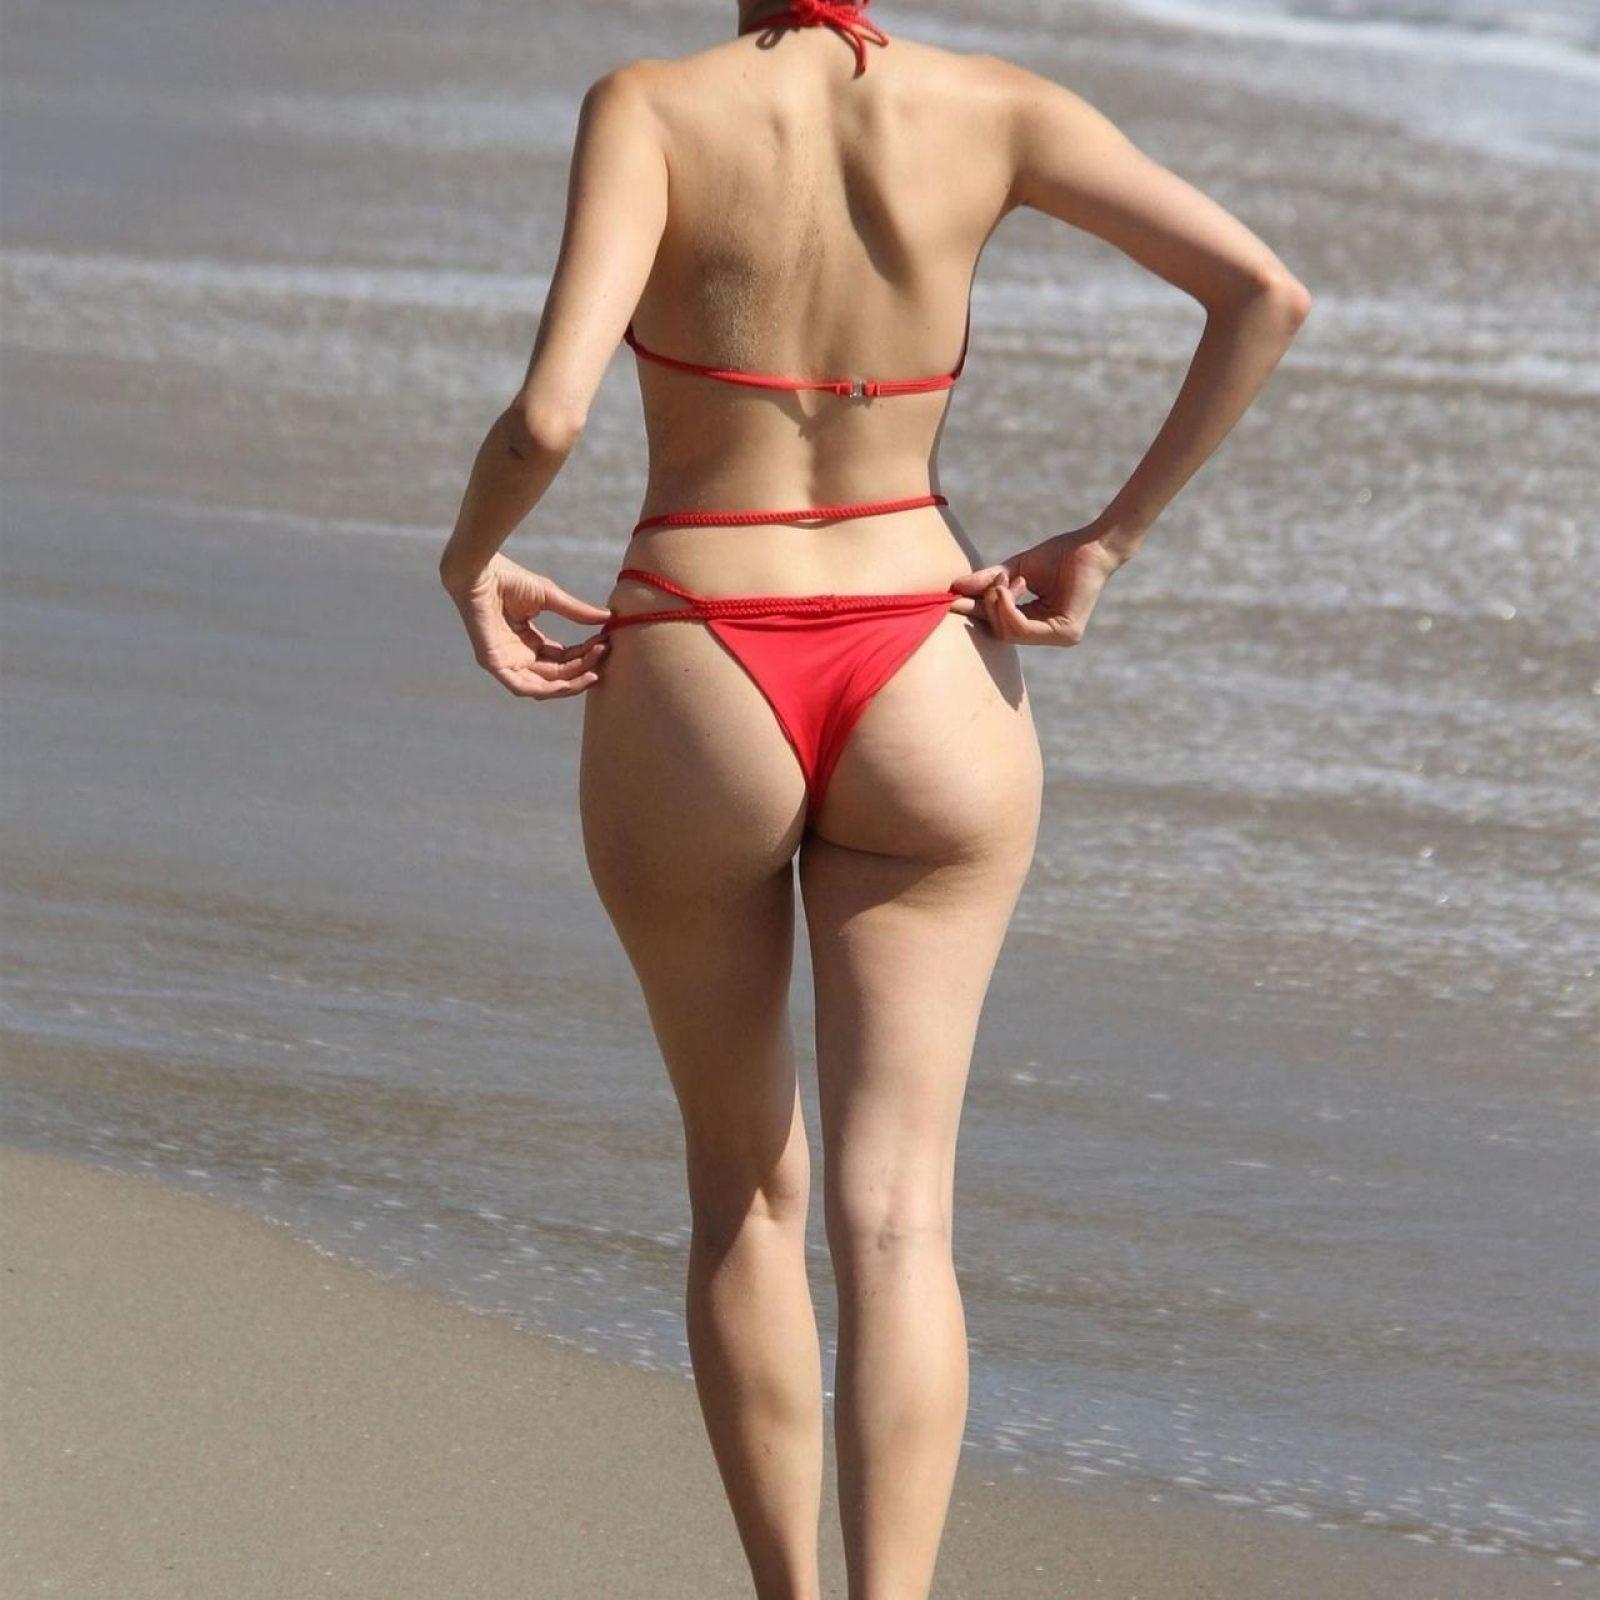 Blanca Blanco in red bikini